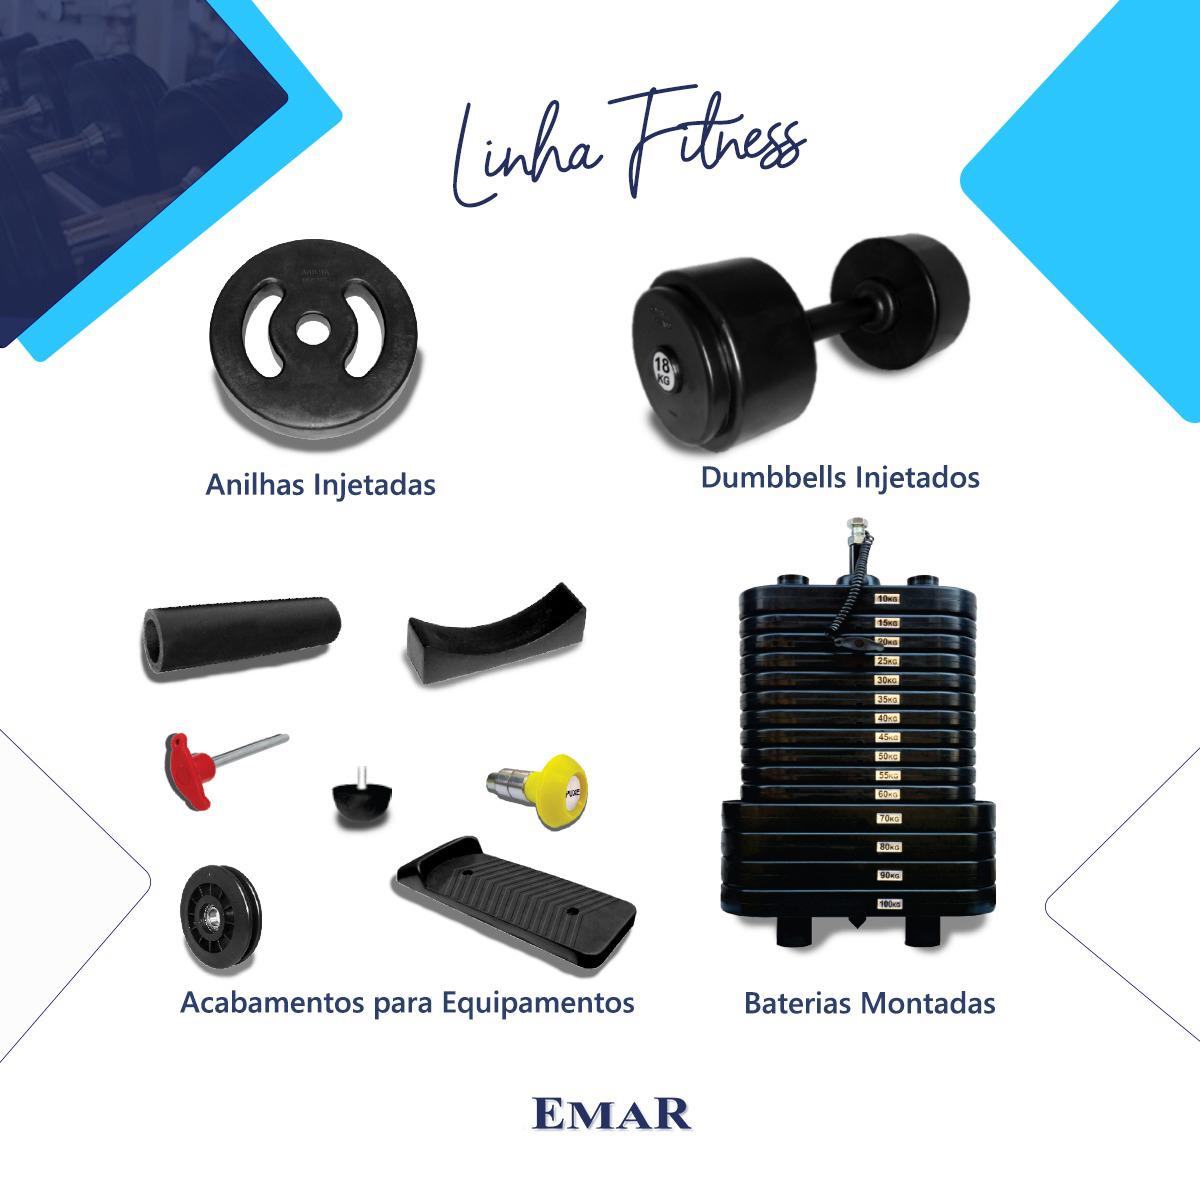 """Kit com 2 Anilhas Injetadas de 15 kg cada - Furo Standard 1.1/8"""" Revestidas com Grossa Camada de PVC"""